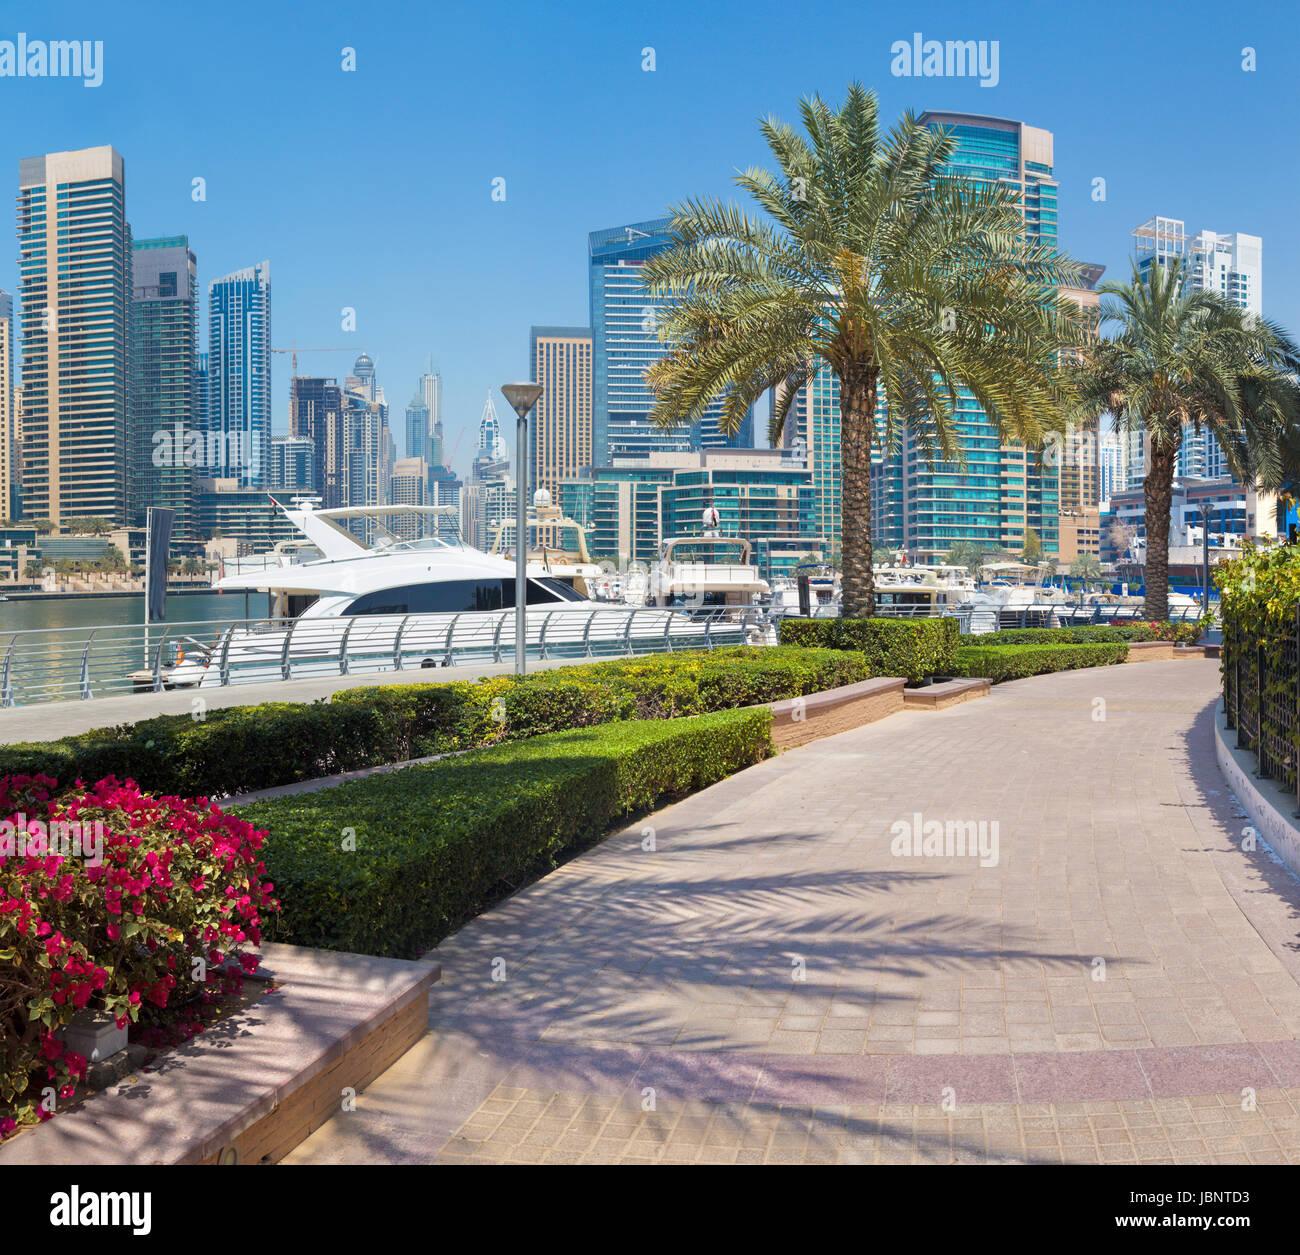 Dubai - The yachts and promenade of Marina. - Stock Image